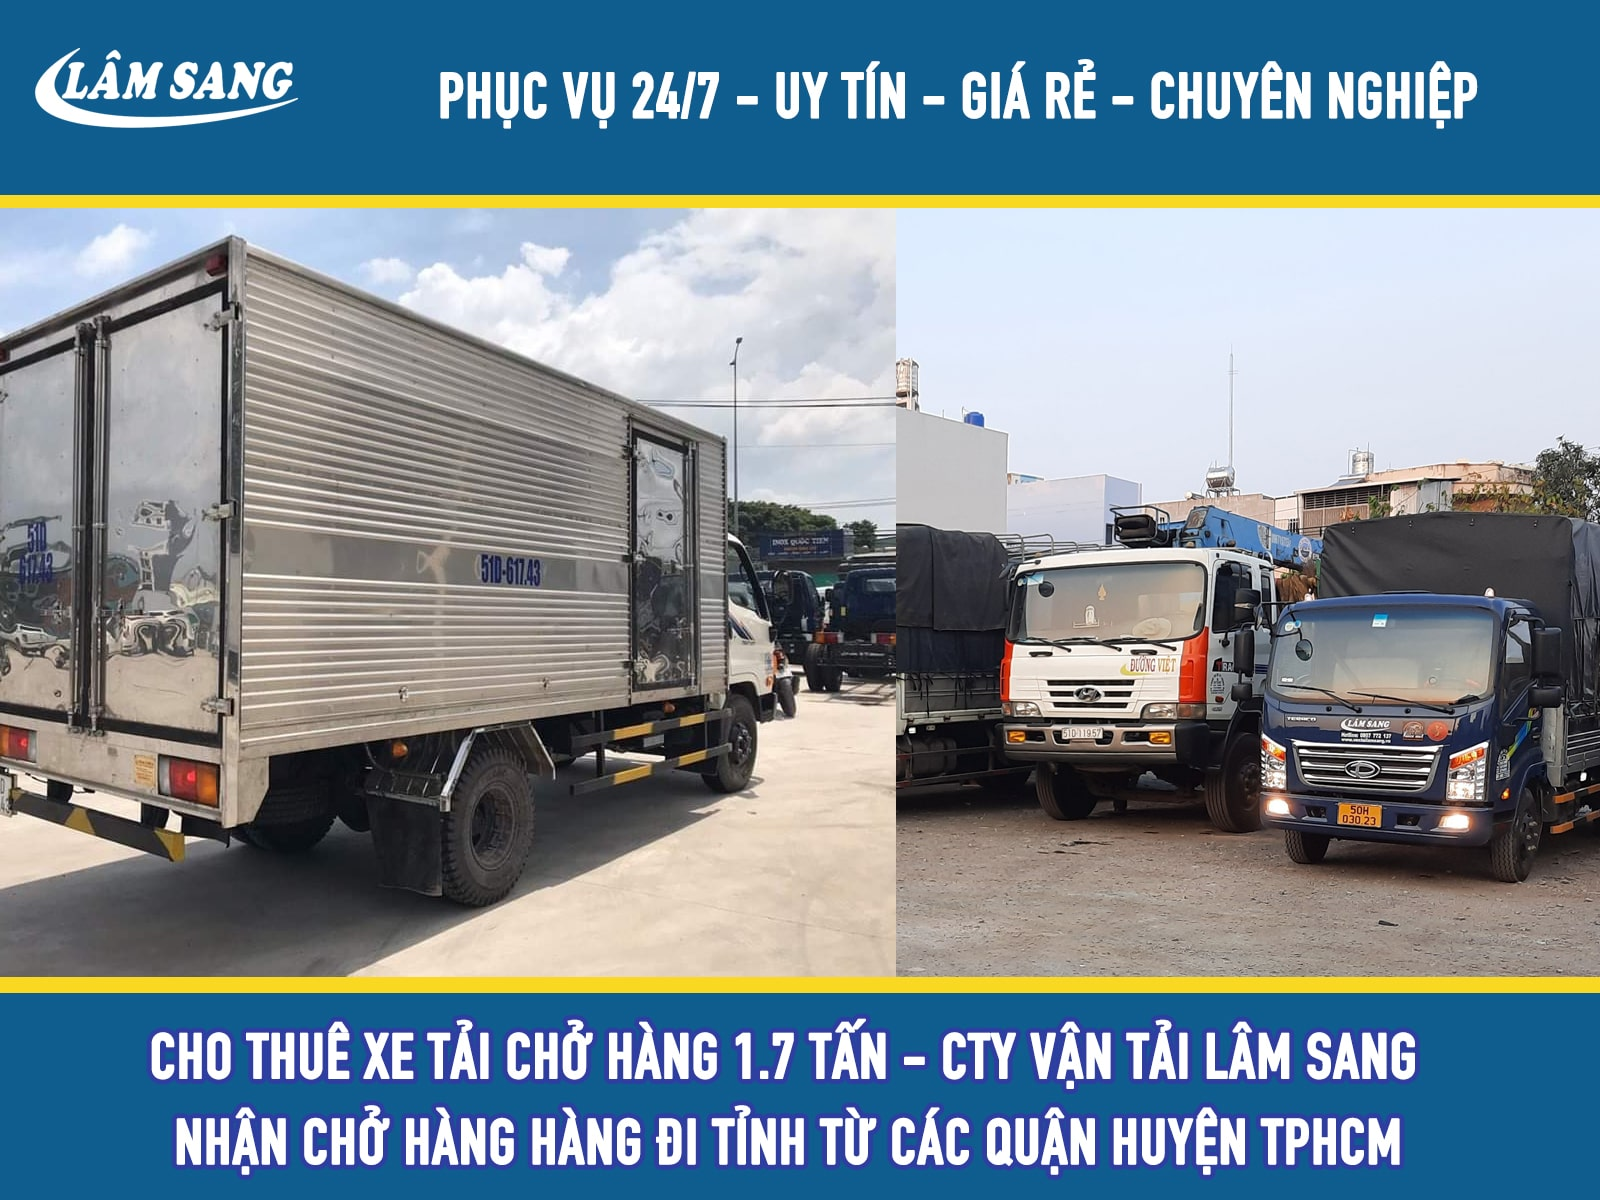 Cho thuê xe tải chở hàng 1.7 tấn giá rẻ tại Lâm Sang